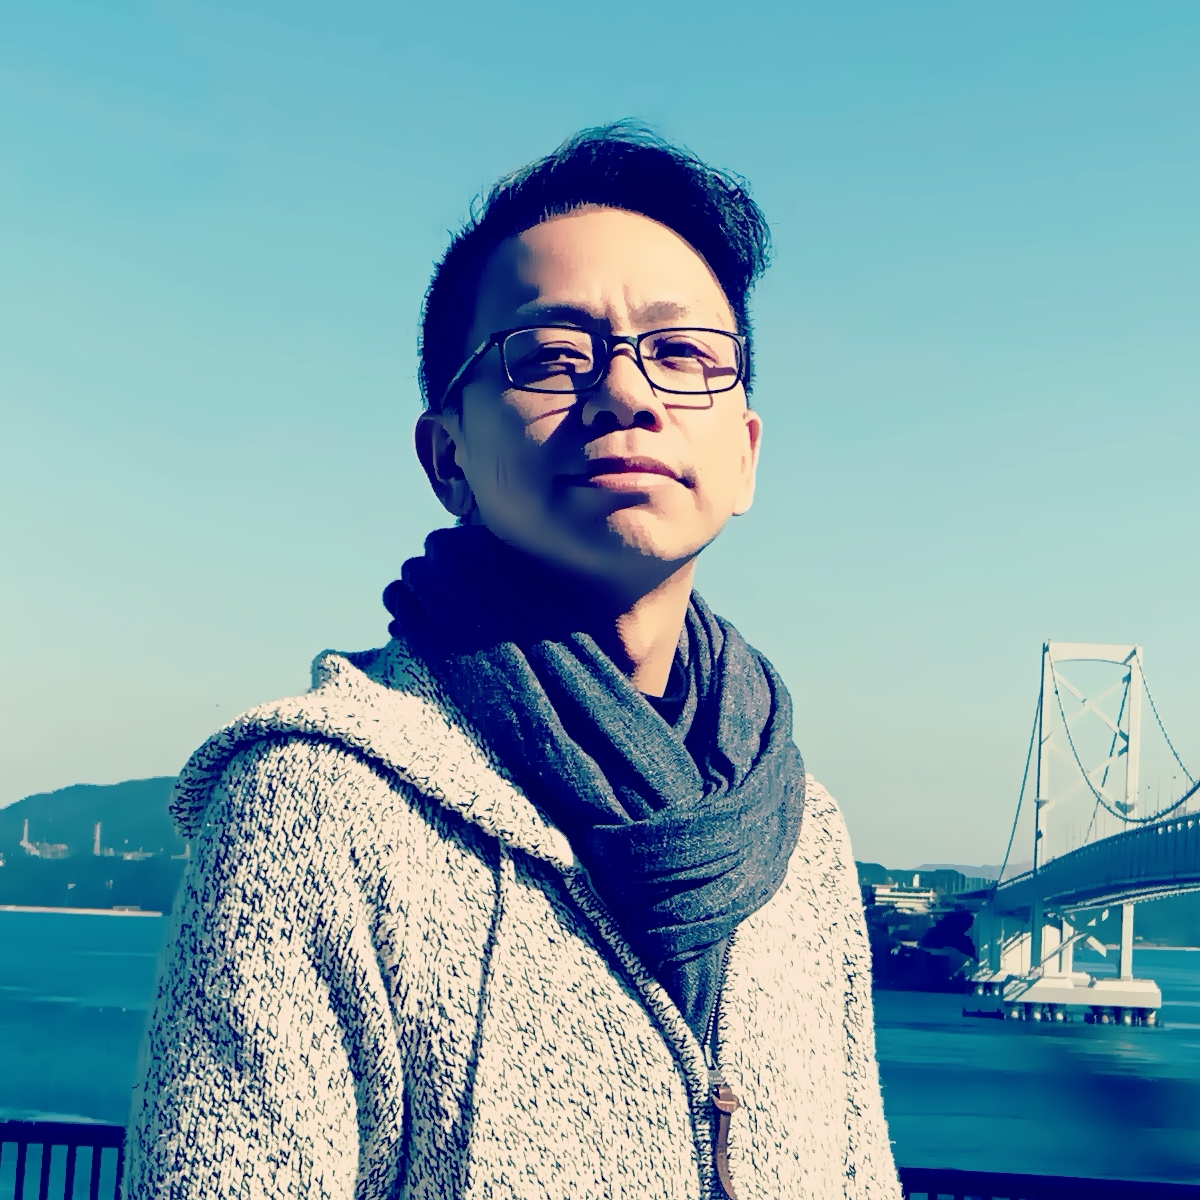 旋律工房音樂製作 音樂總監,音樂製作⼈、作曲家、作詞家、編曲家、吉他手、配樂作家。 20年⾳樂創作資歷,⾳樂風格廣泛,累積作品涵蓋華語、日語流行、配樂領域超過百首以上,發⾏之作品橫跨中國、台灣、⽇本、美國。作詞作曲及編曲合作藝人包括カラーポワント、岡本信彦、あゆたーり、鬼卞、鬼鬼吳映潔、蕭敬騰…,參與配樂製作有電視節目《聲林之王》,《歌手2020》、偶像劇《狼王子》、《人際關係事務所》、Netflix/BBC劇集《GIRI/HAJI》等。活躍於台灣、日本流行音樂圈及影視配樂界,致力於台日音樂製作人材及詞曲版權交流。